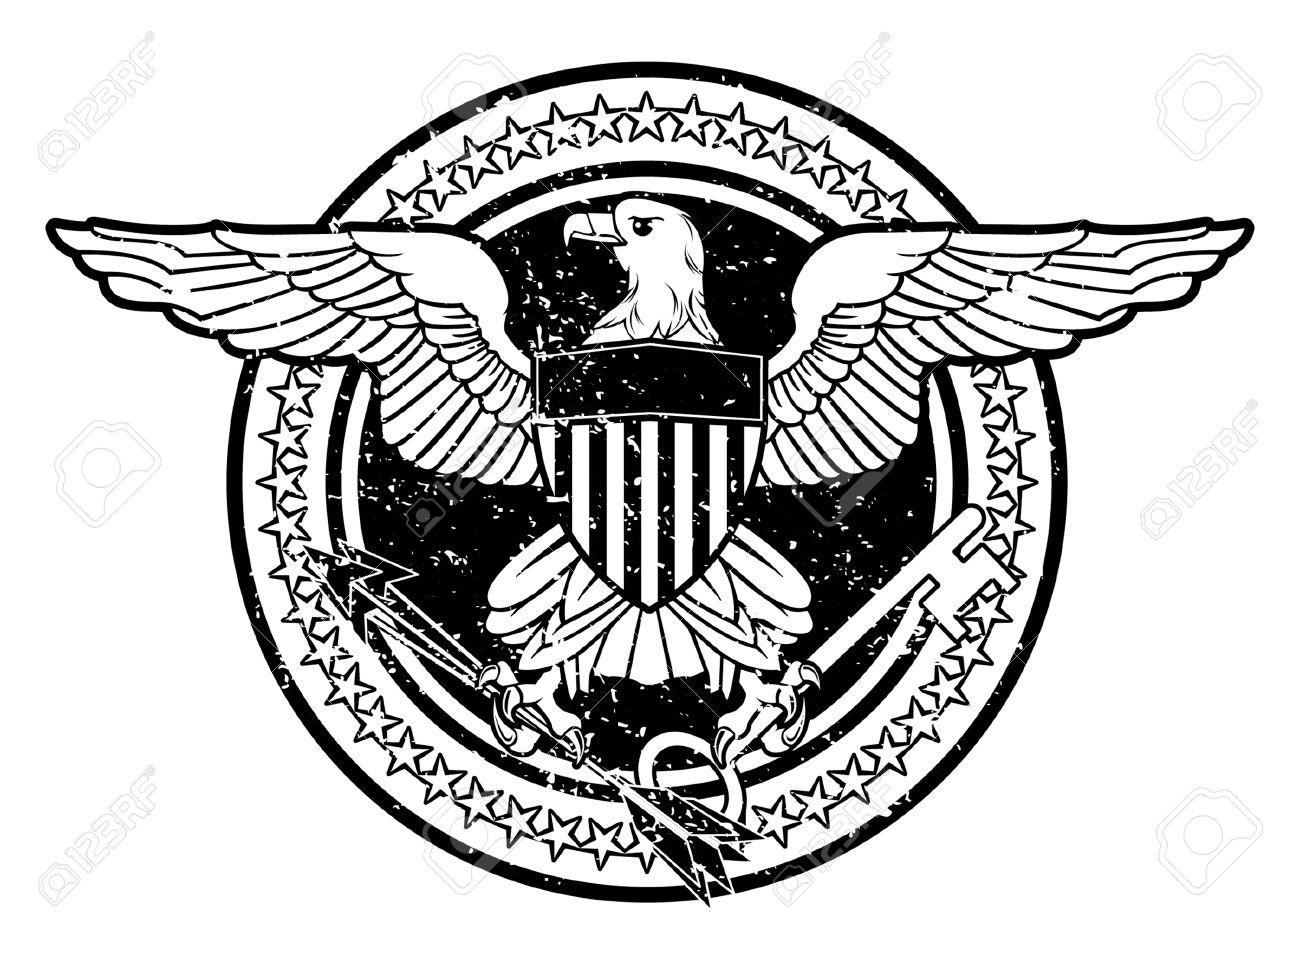 Vintage american eagle symbol